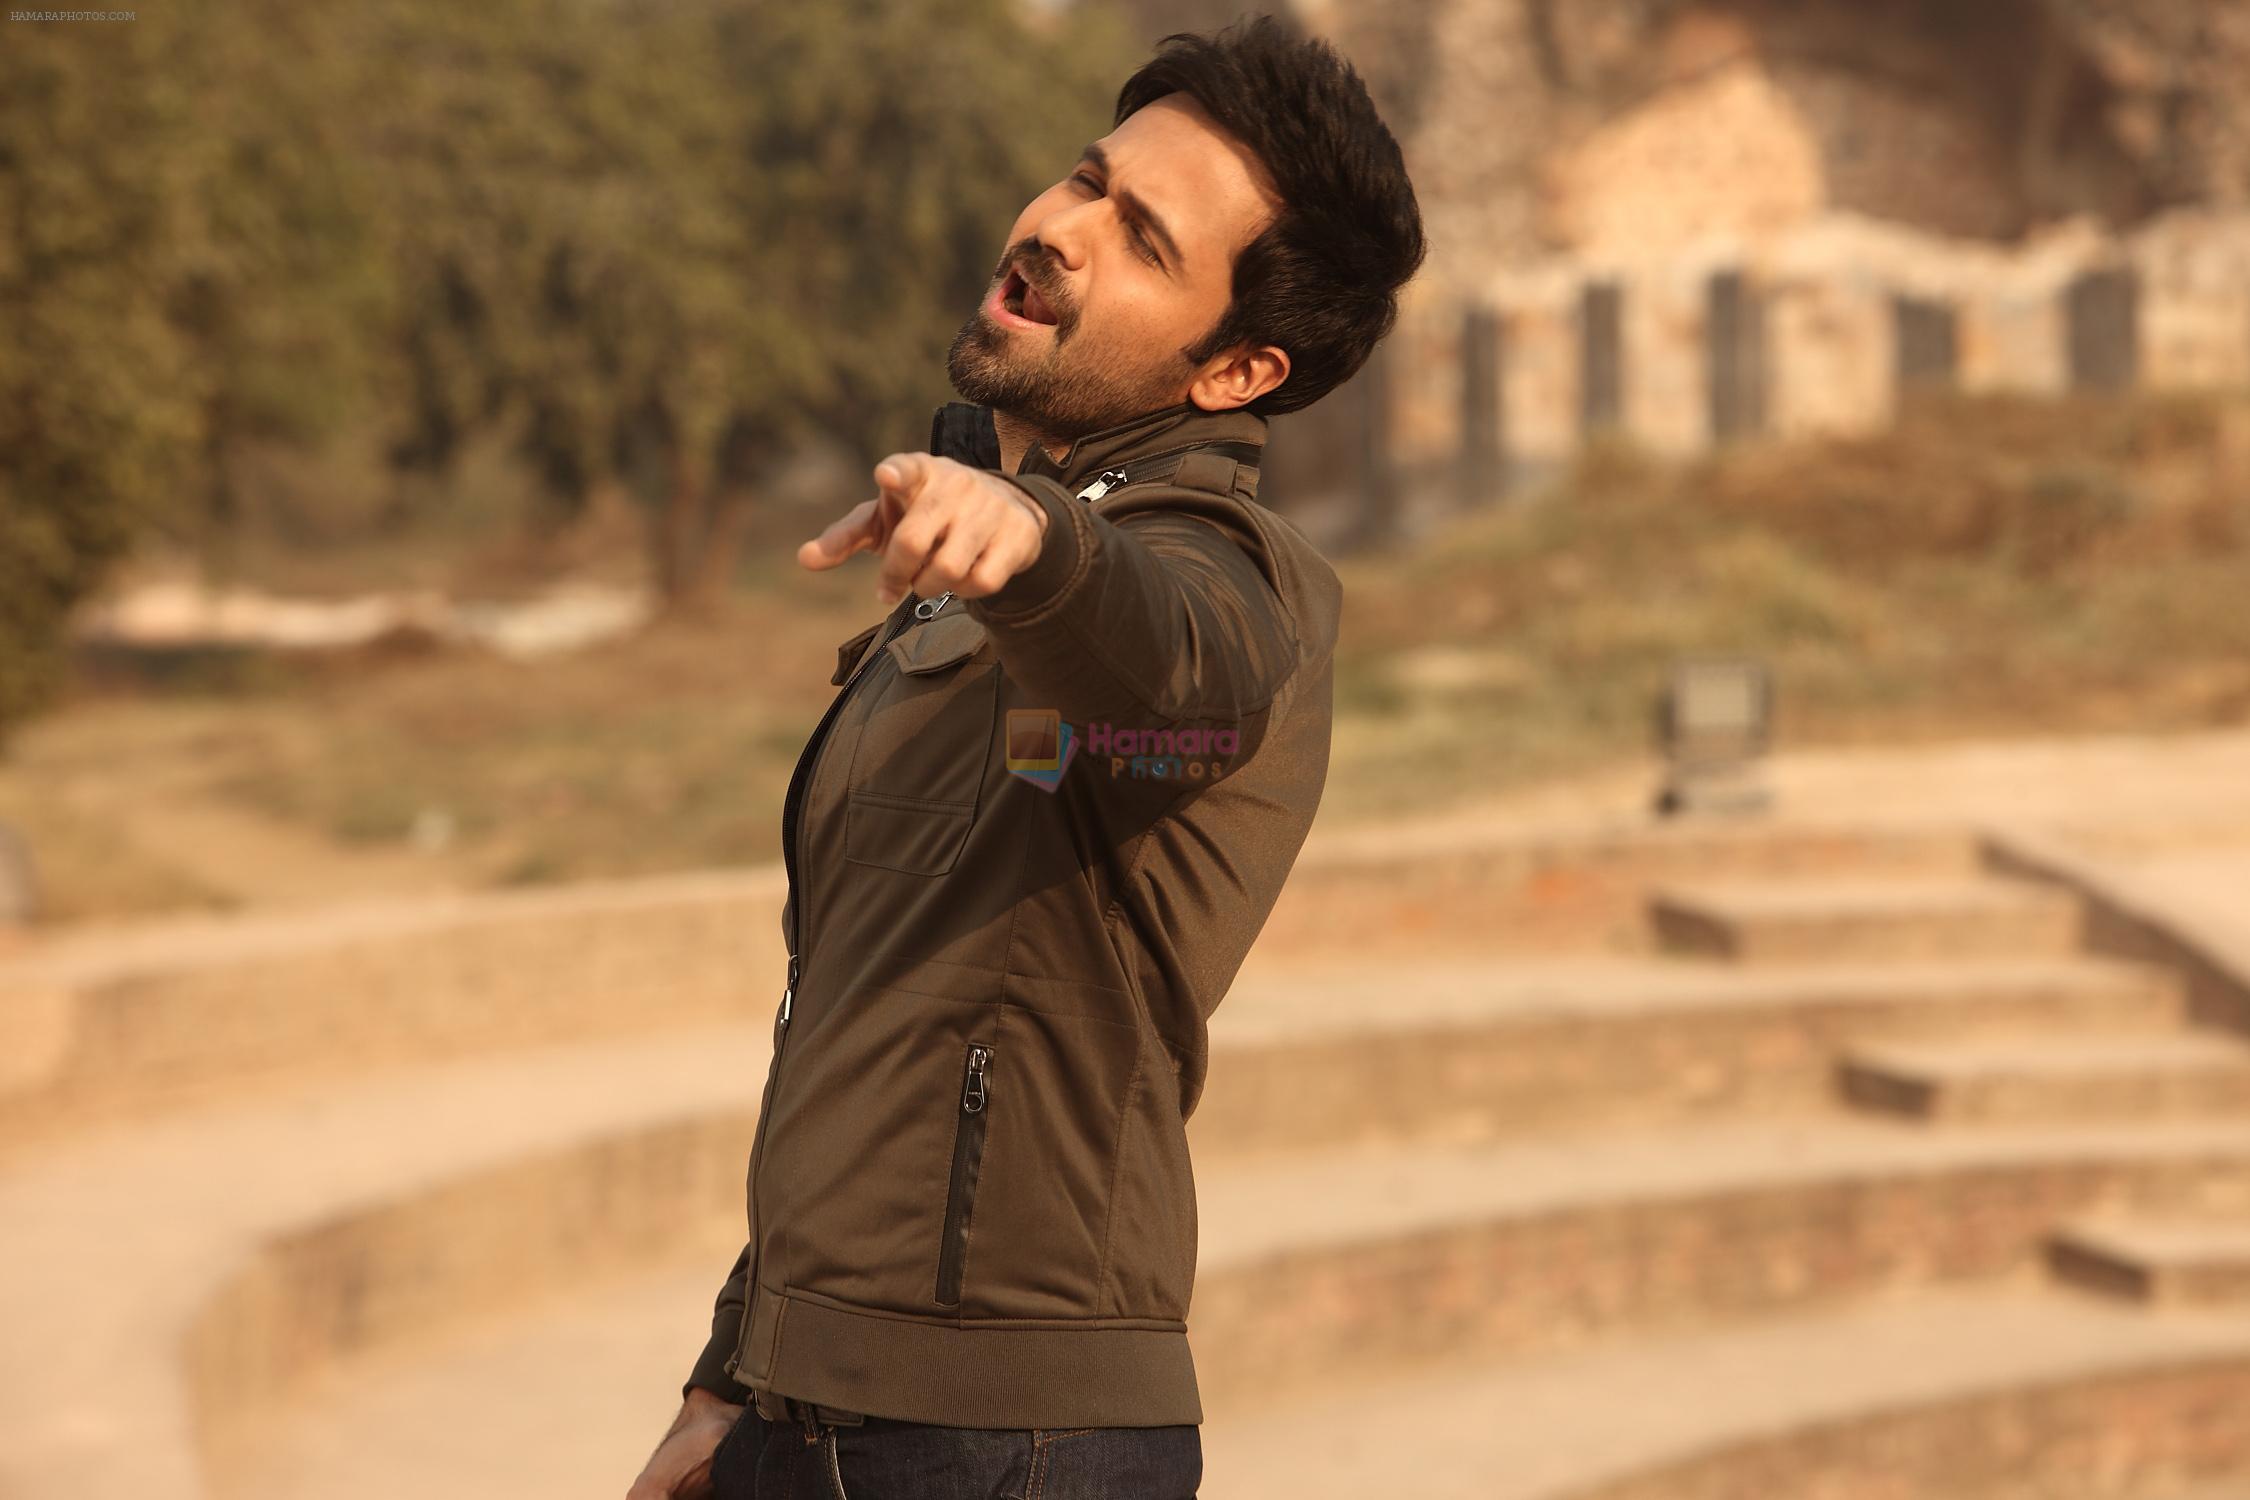 Emraan Hashmi In The Still From Movie Jannat 2 Jannat2 Bollywood